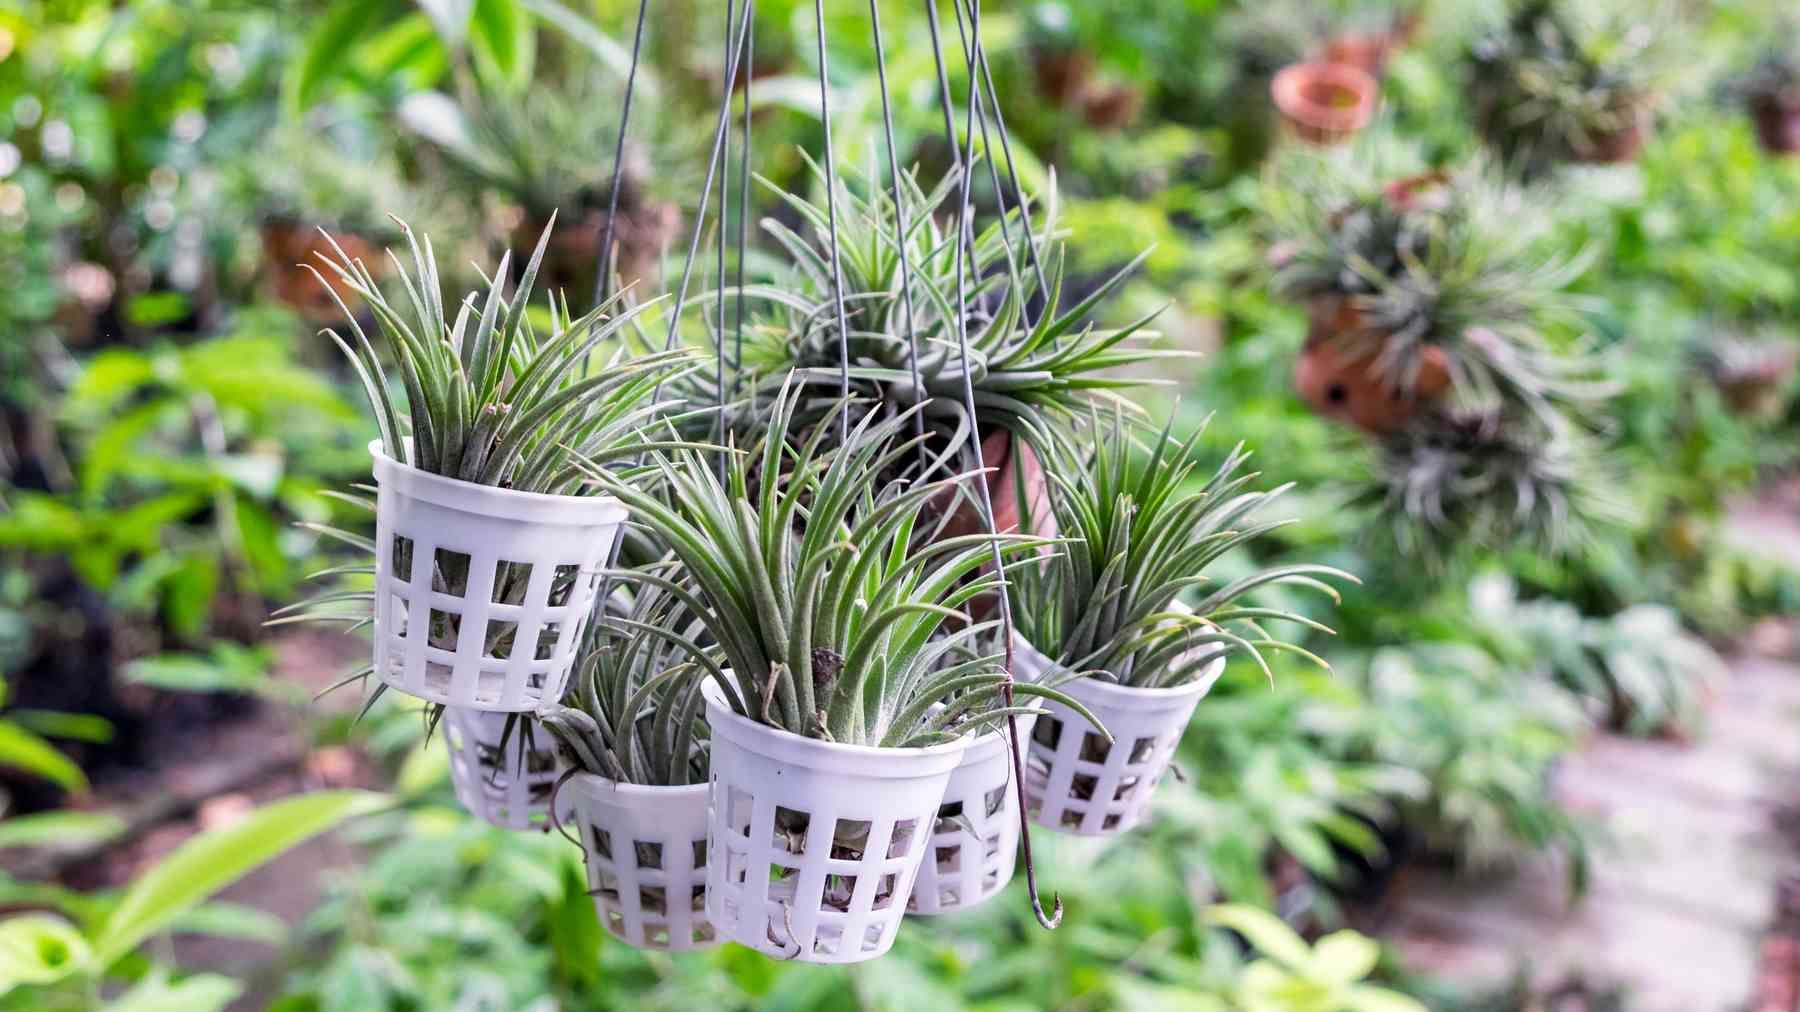 Pflanzen Im Bad Die Besten Tipps Tricks Fur Jedes Badezimmer In 2020 Pflanzen Furs Bad Luftpflanzen Luftpflanzen Pflege